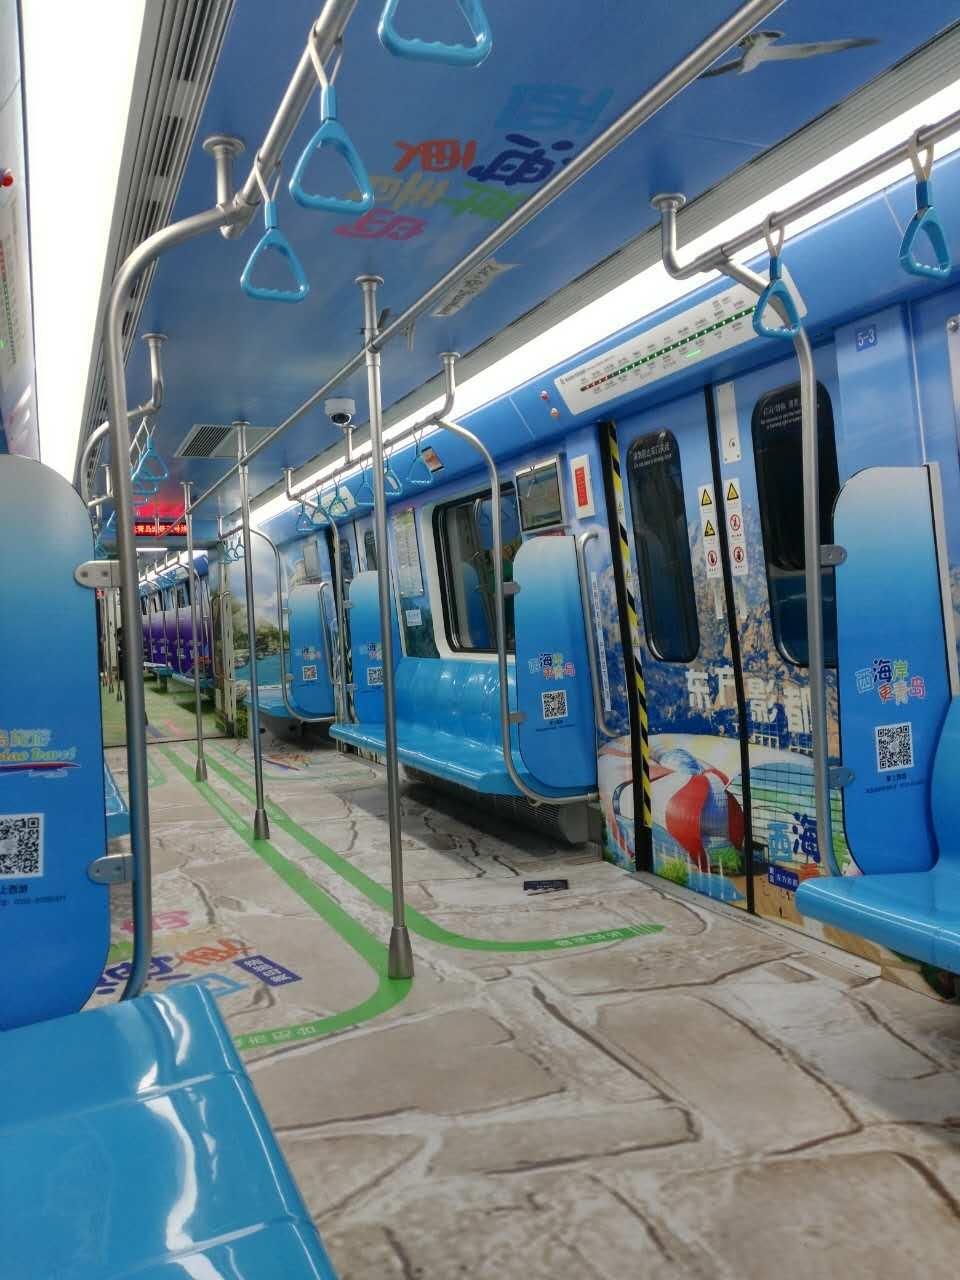 西海岸旅游形象青岛地铁专列启动仪式在青岛地铁集团安顺车辆段举行